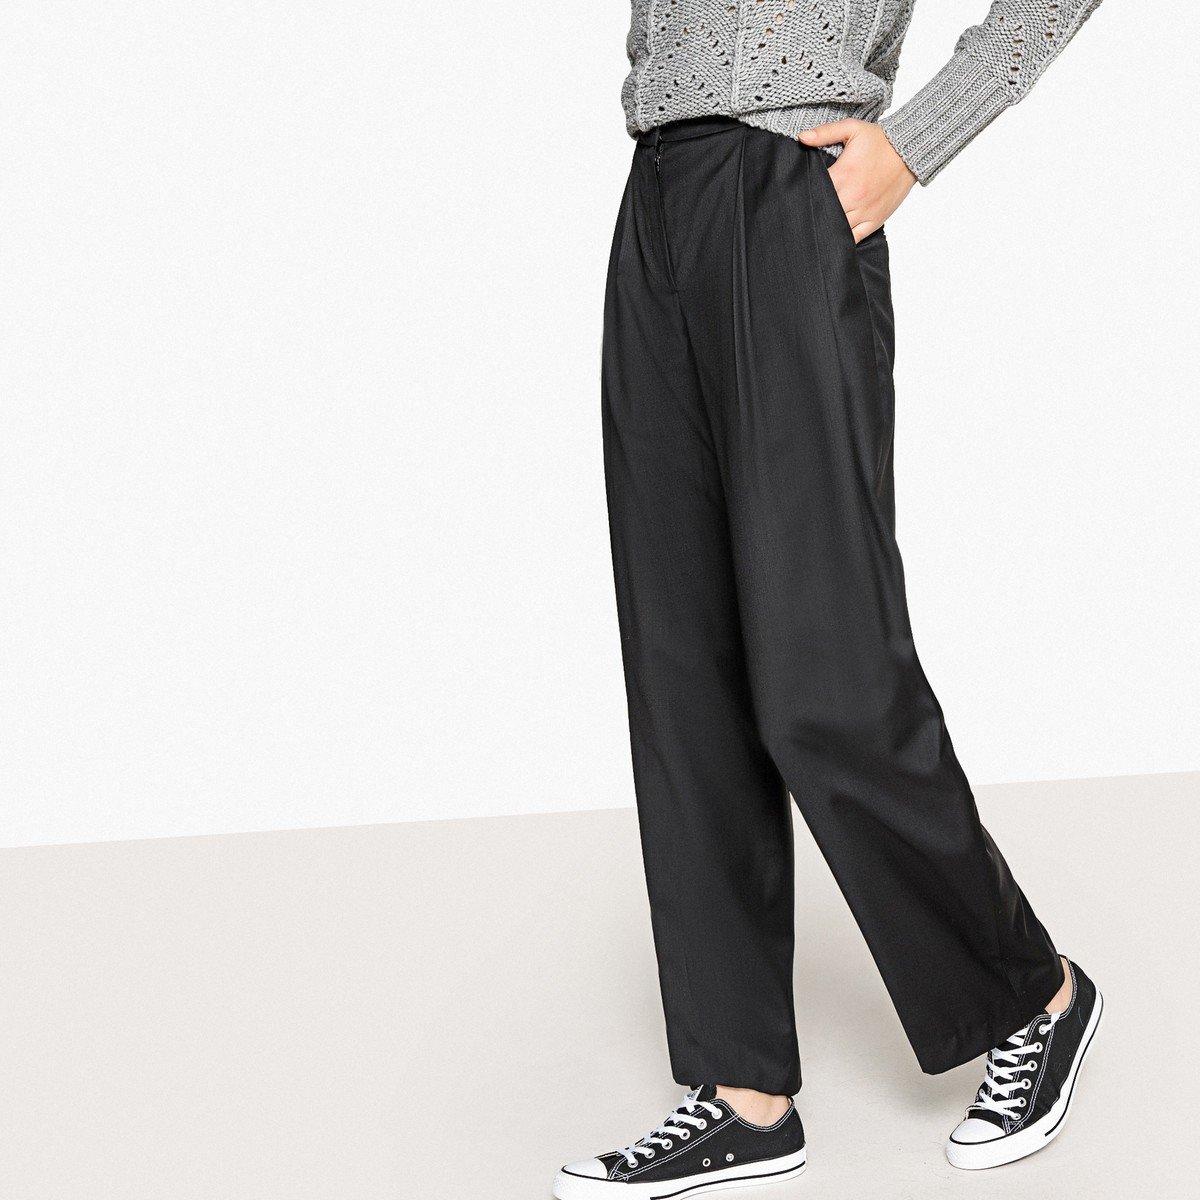 широкие брюки купить